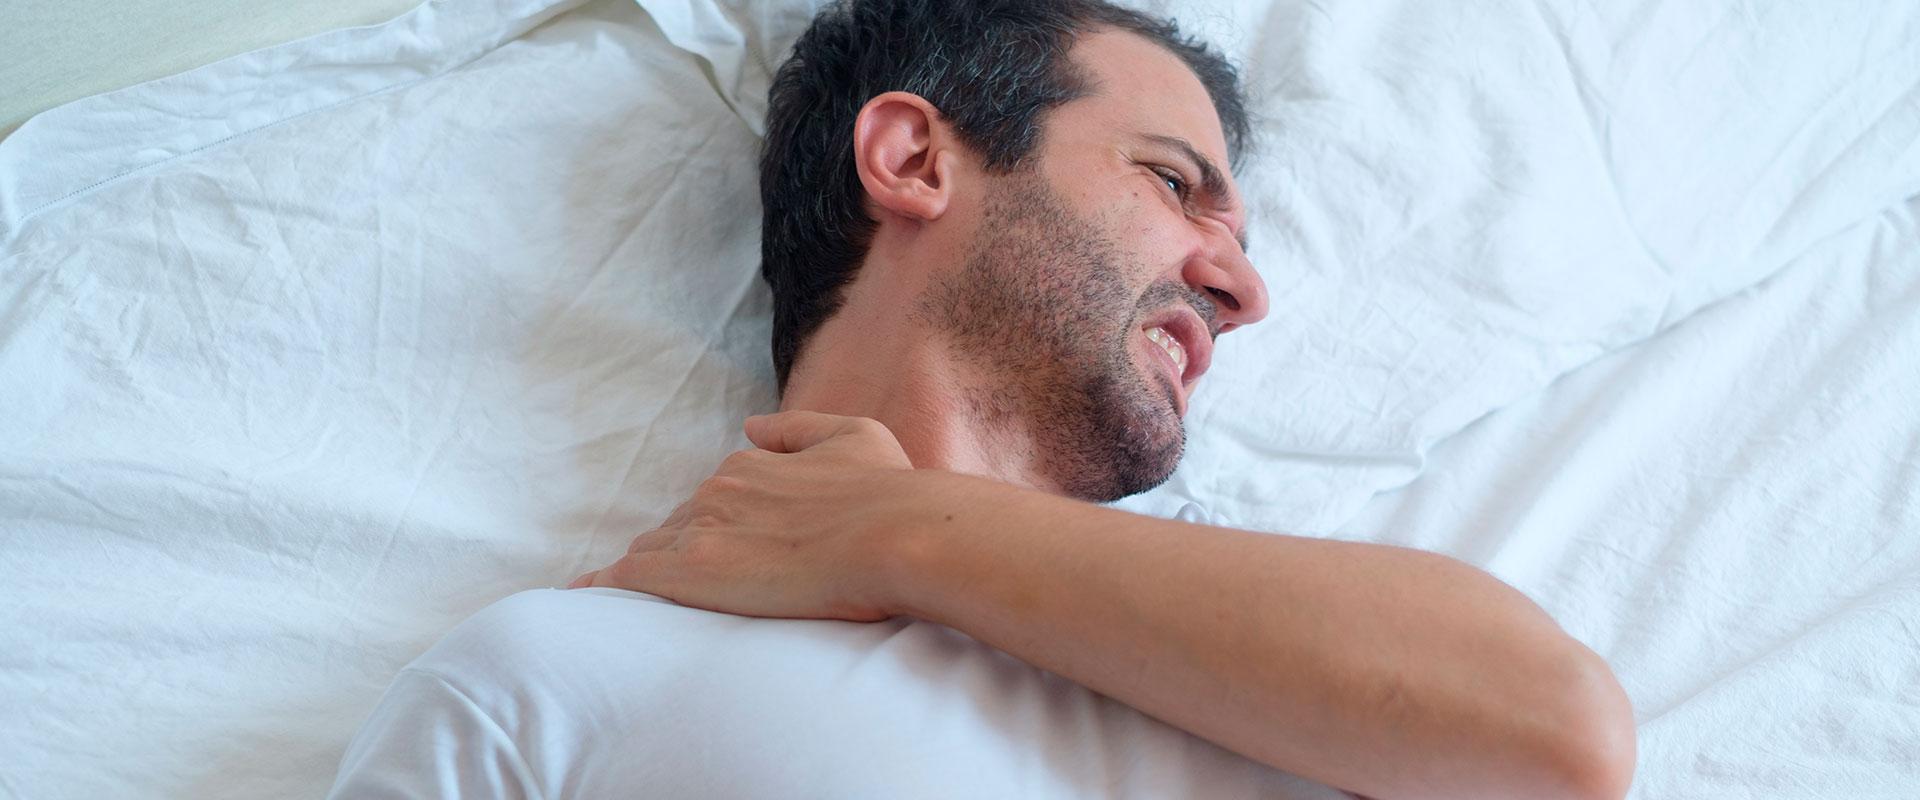 Hombre despertando con dolor de cuello debido a no dormir sobre una almohada soñare.